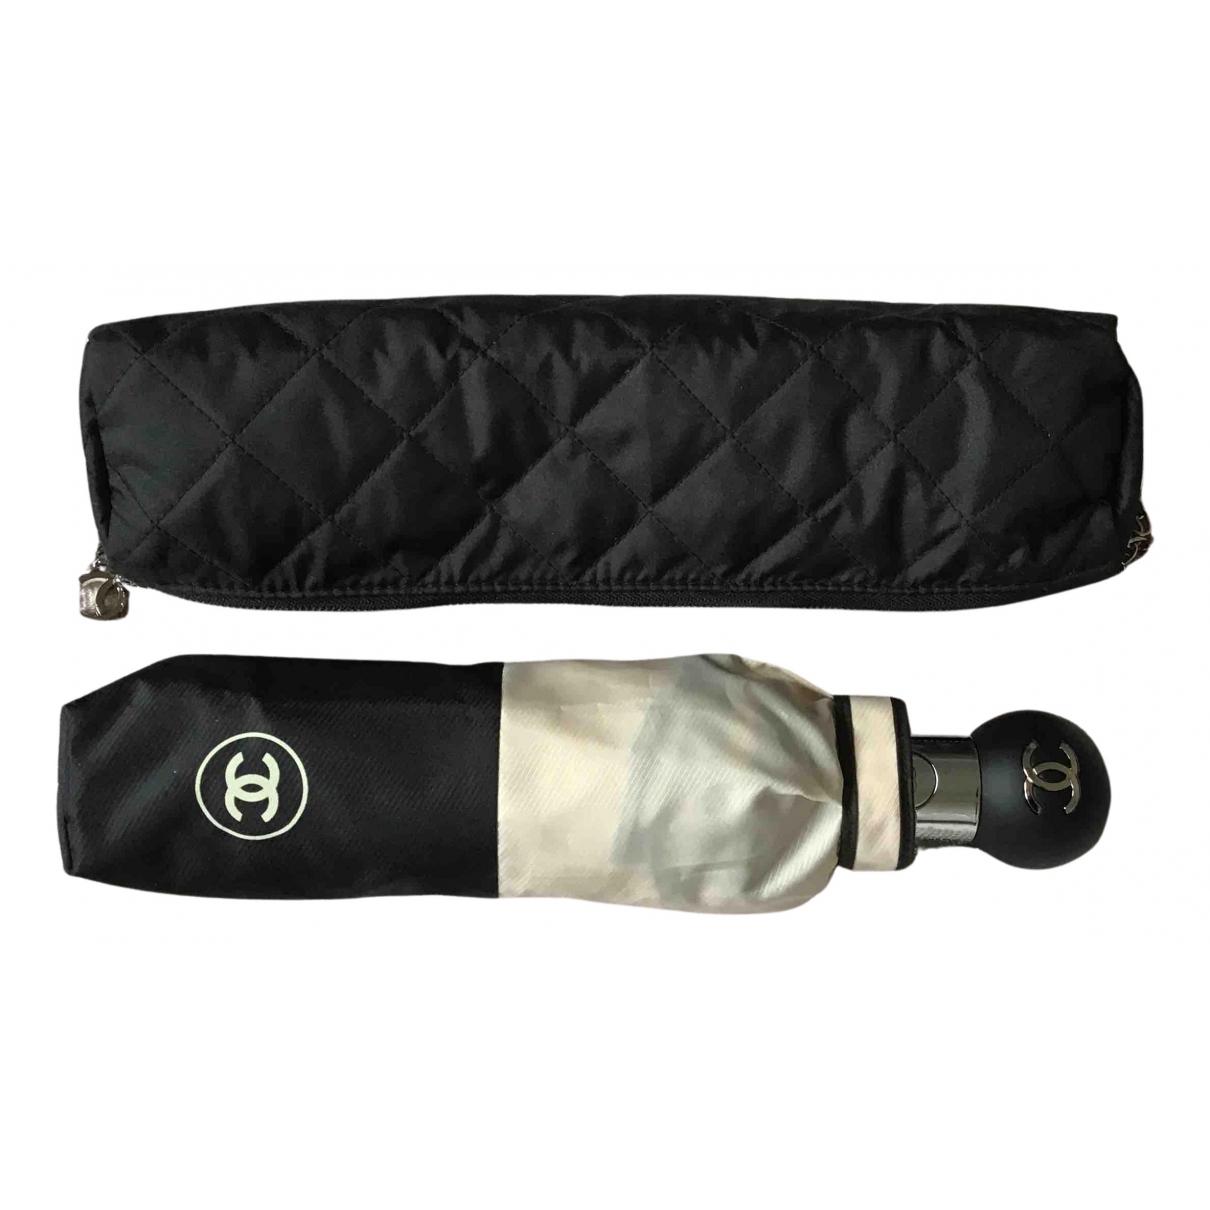 Chanel \N Accessoires und Dekoration in  Schwarz Polyester